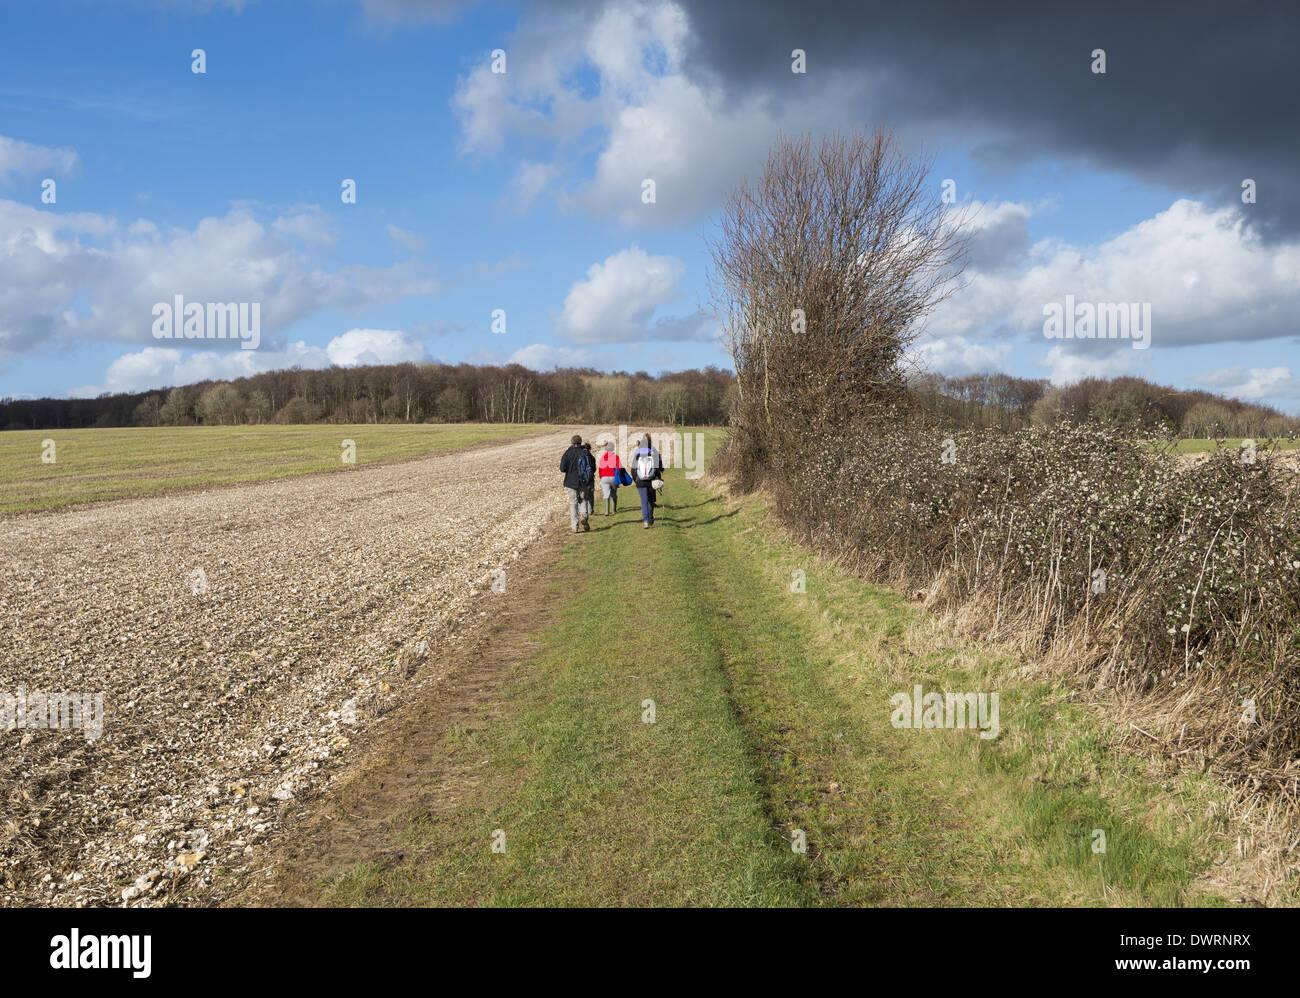 Groupe de jeunes gens marchant dans la campagne dans le Hampshire, England, UK Photo Stock